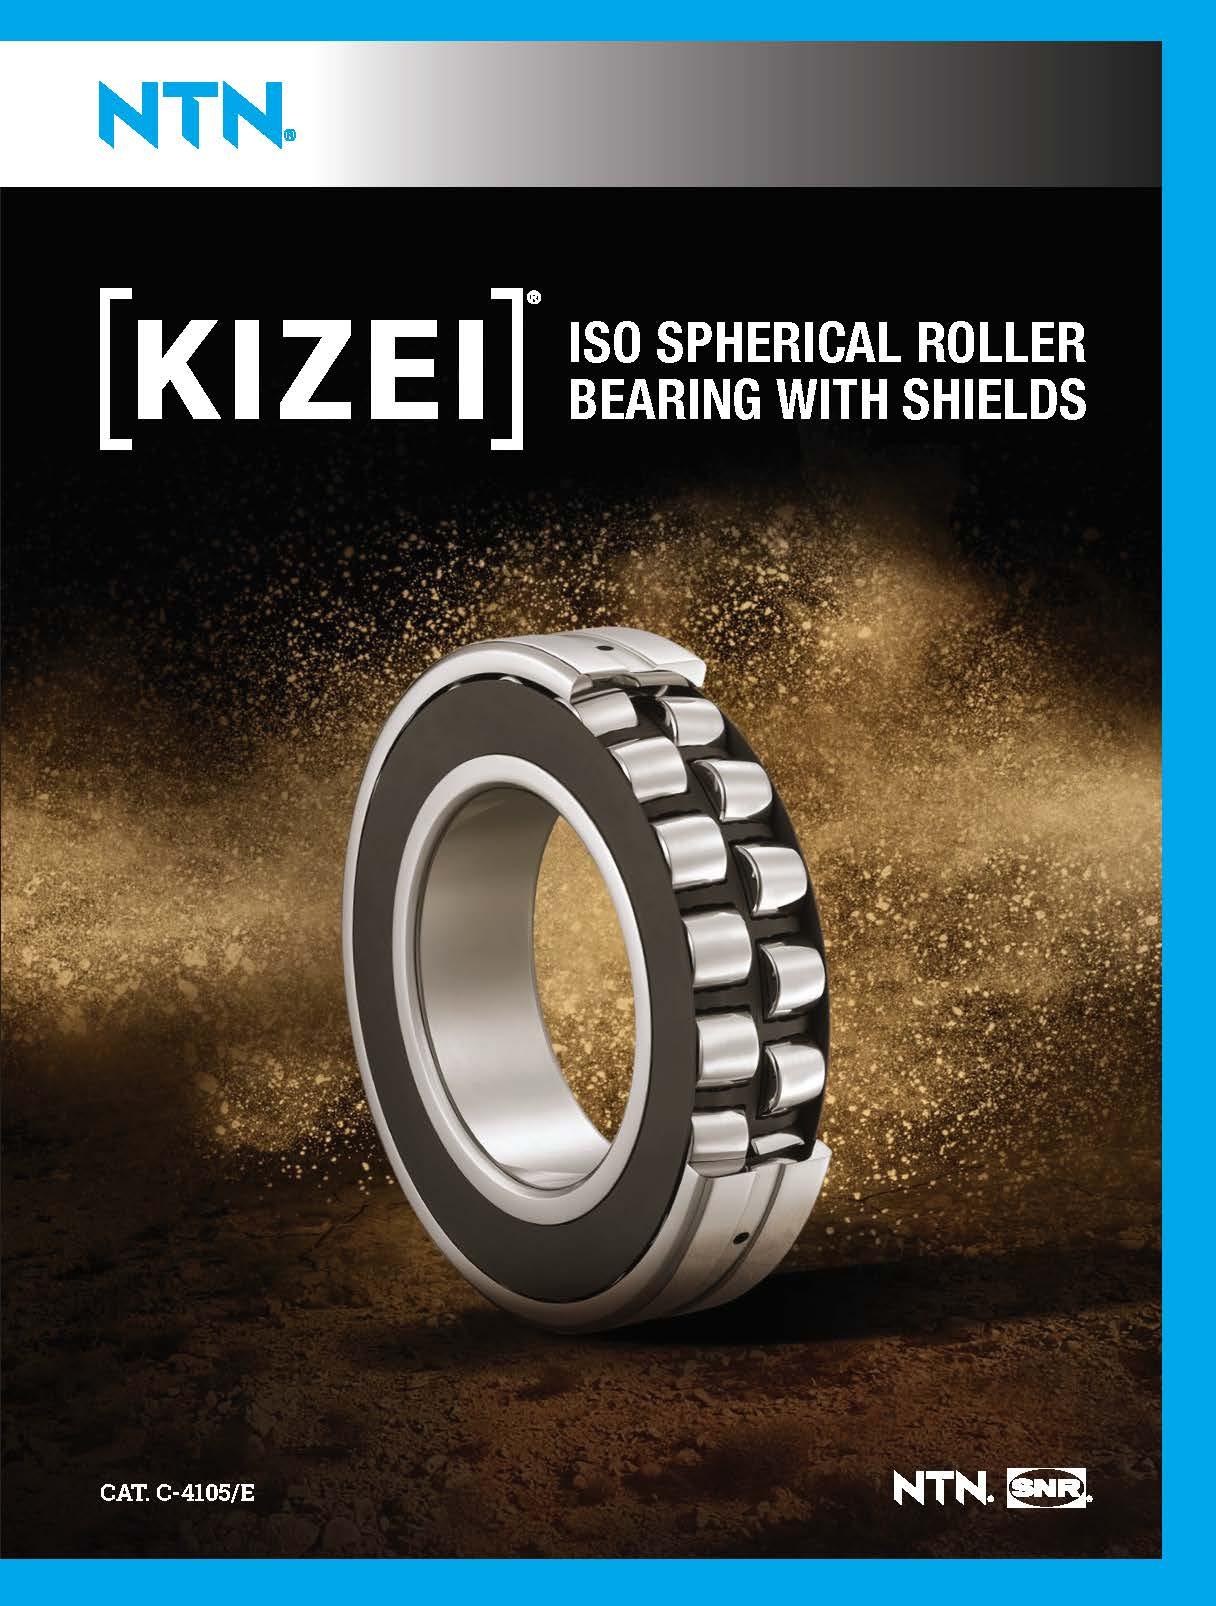 KIZEICatalog https://ntn.ca/wp content/uploads///NTN KIZEI Spherical Roller Bearing Catalog.pdf